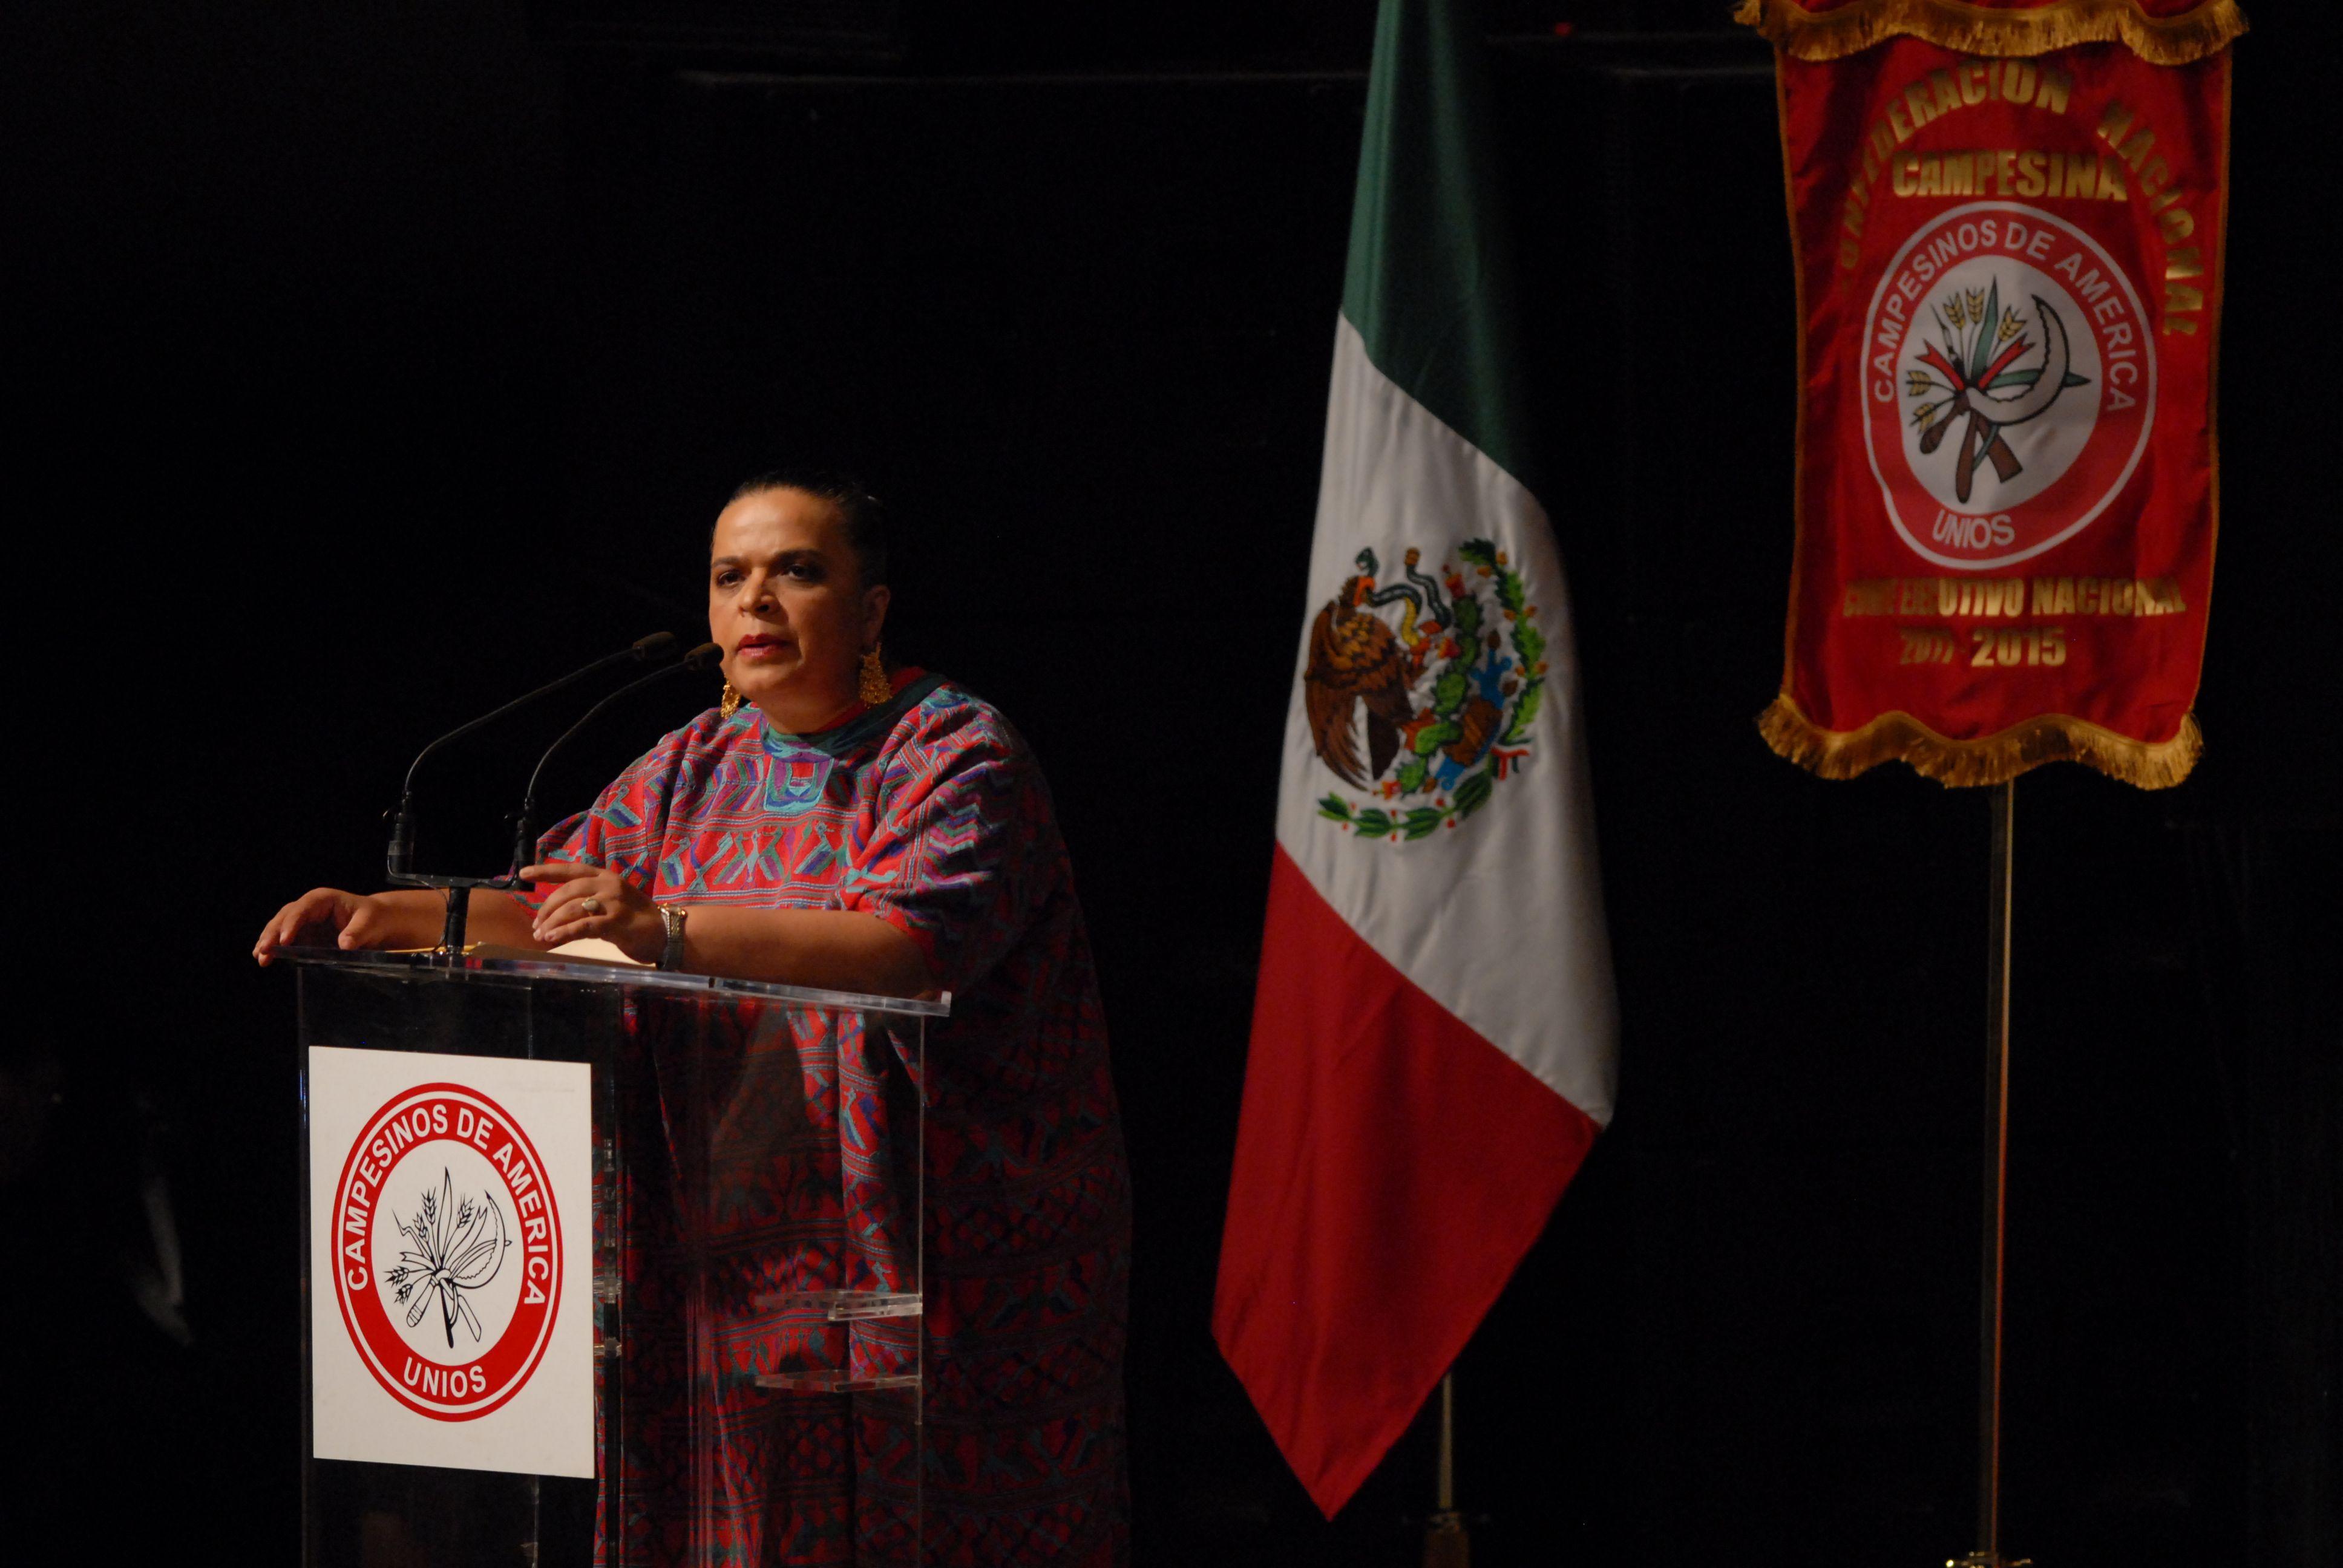 Al evento, que se realizó en el Auditorio Nacional, asistieron la presidenta nacional del PRI, Beatriz Paredes Rangel; el líder del senado, Manlio Fabio Beltrones, entre otros.